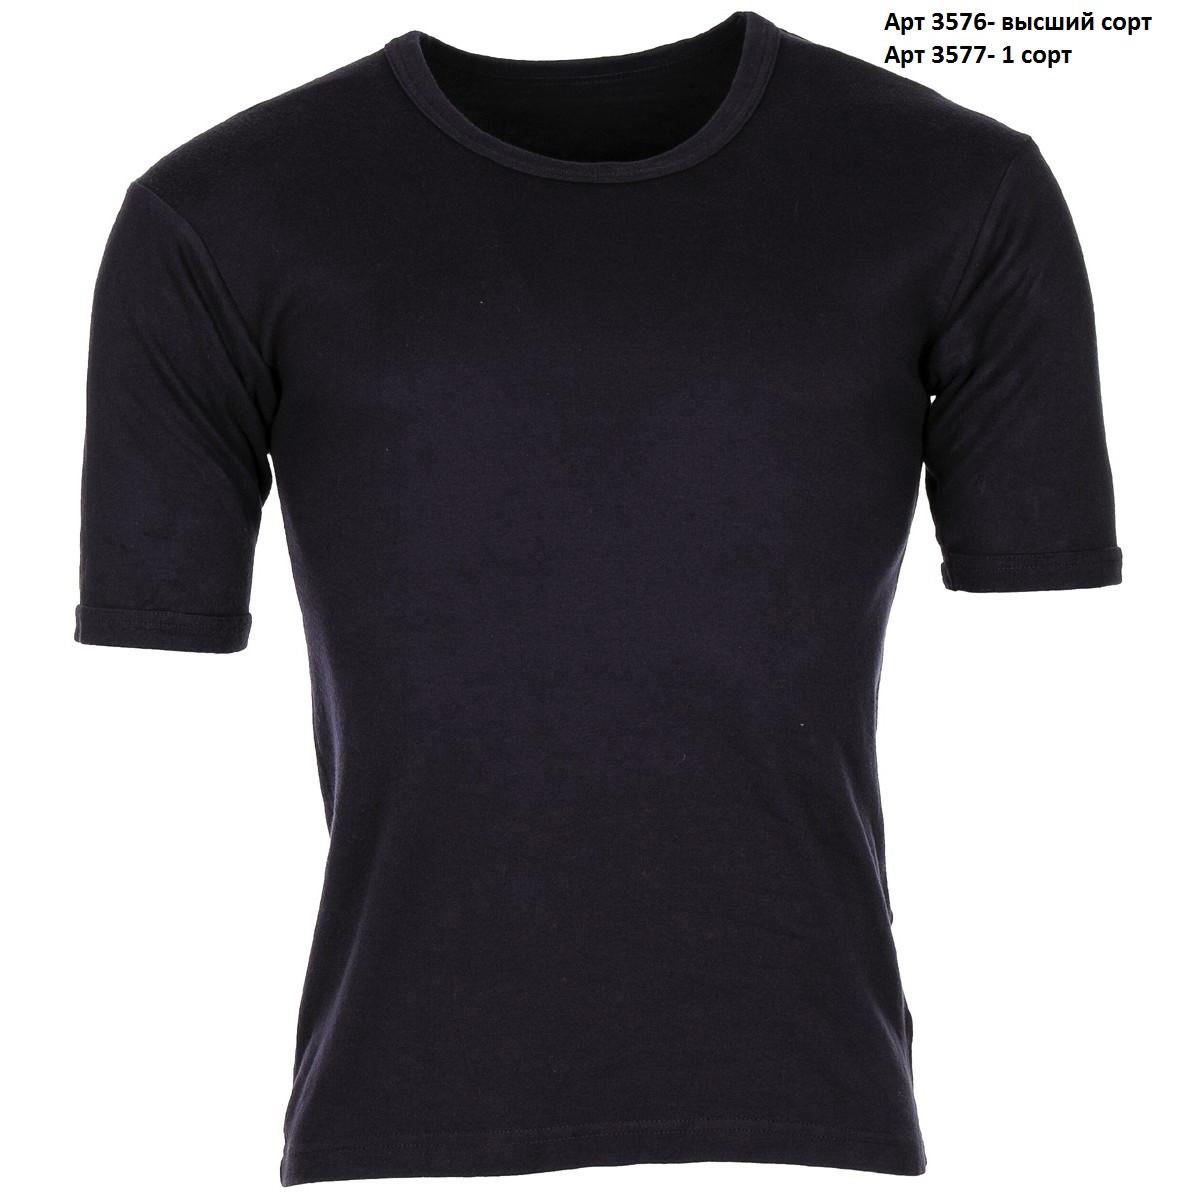 Футболка T-Shirt, Blau ( 100% котон) оригинал Британия Б/У  1сорт